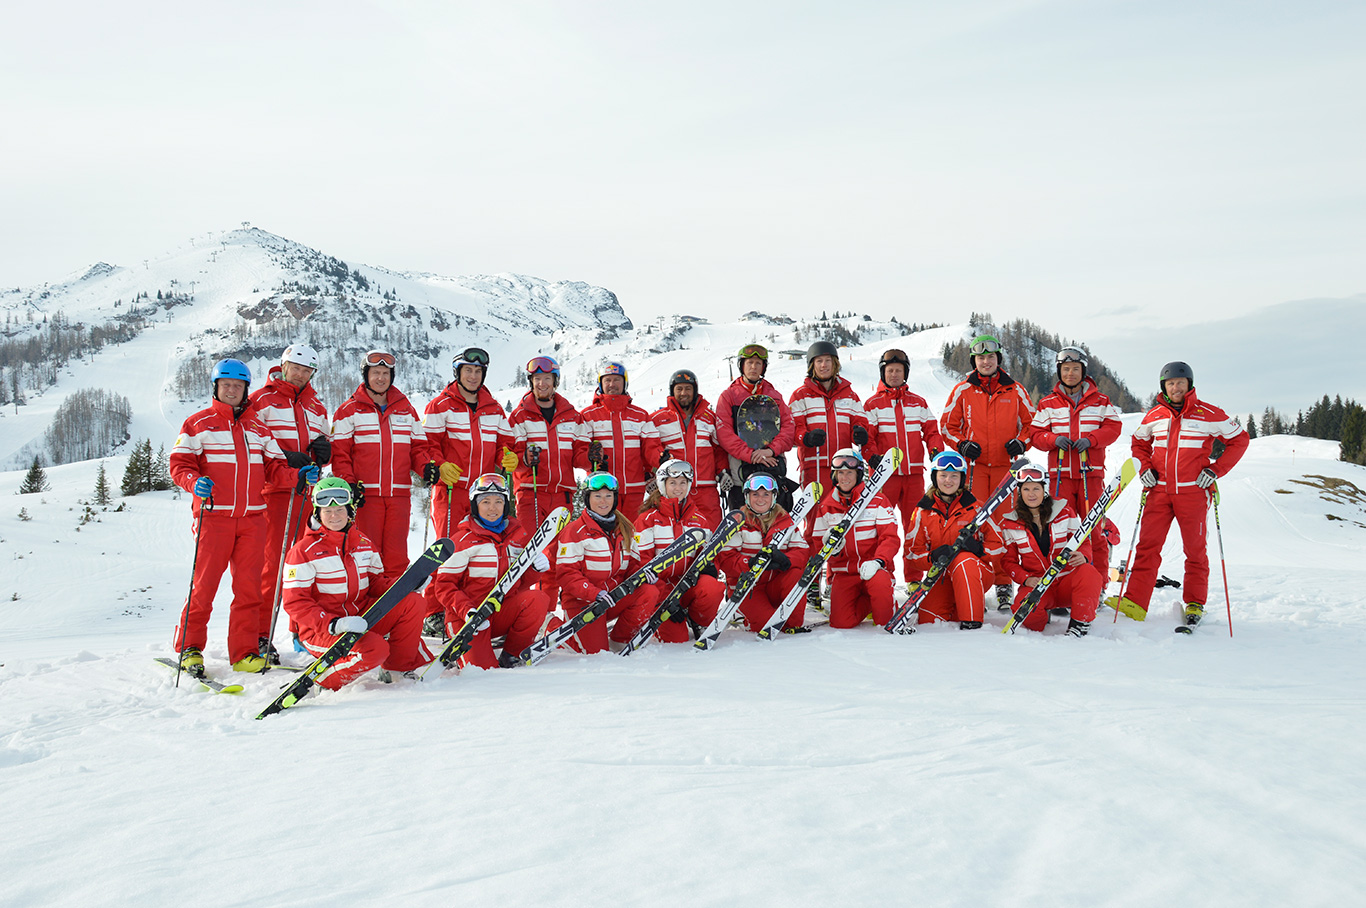 Weltklasse Skilehrer